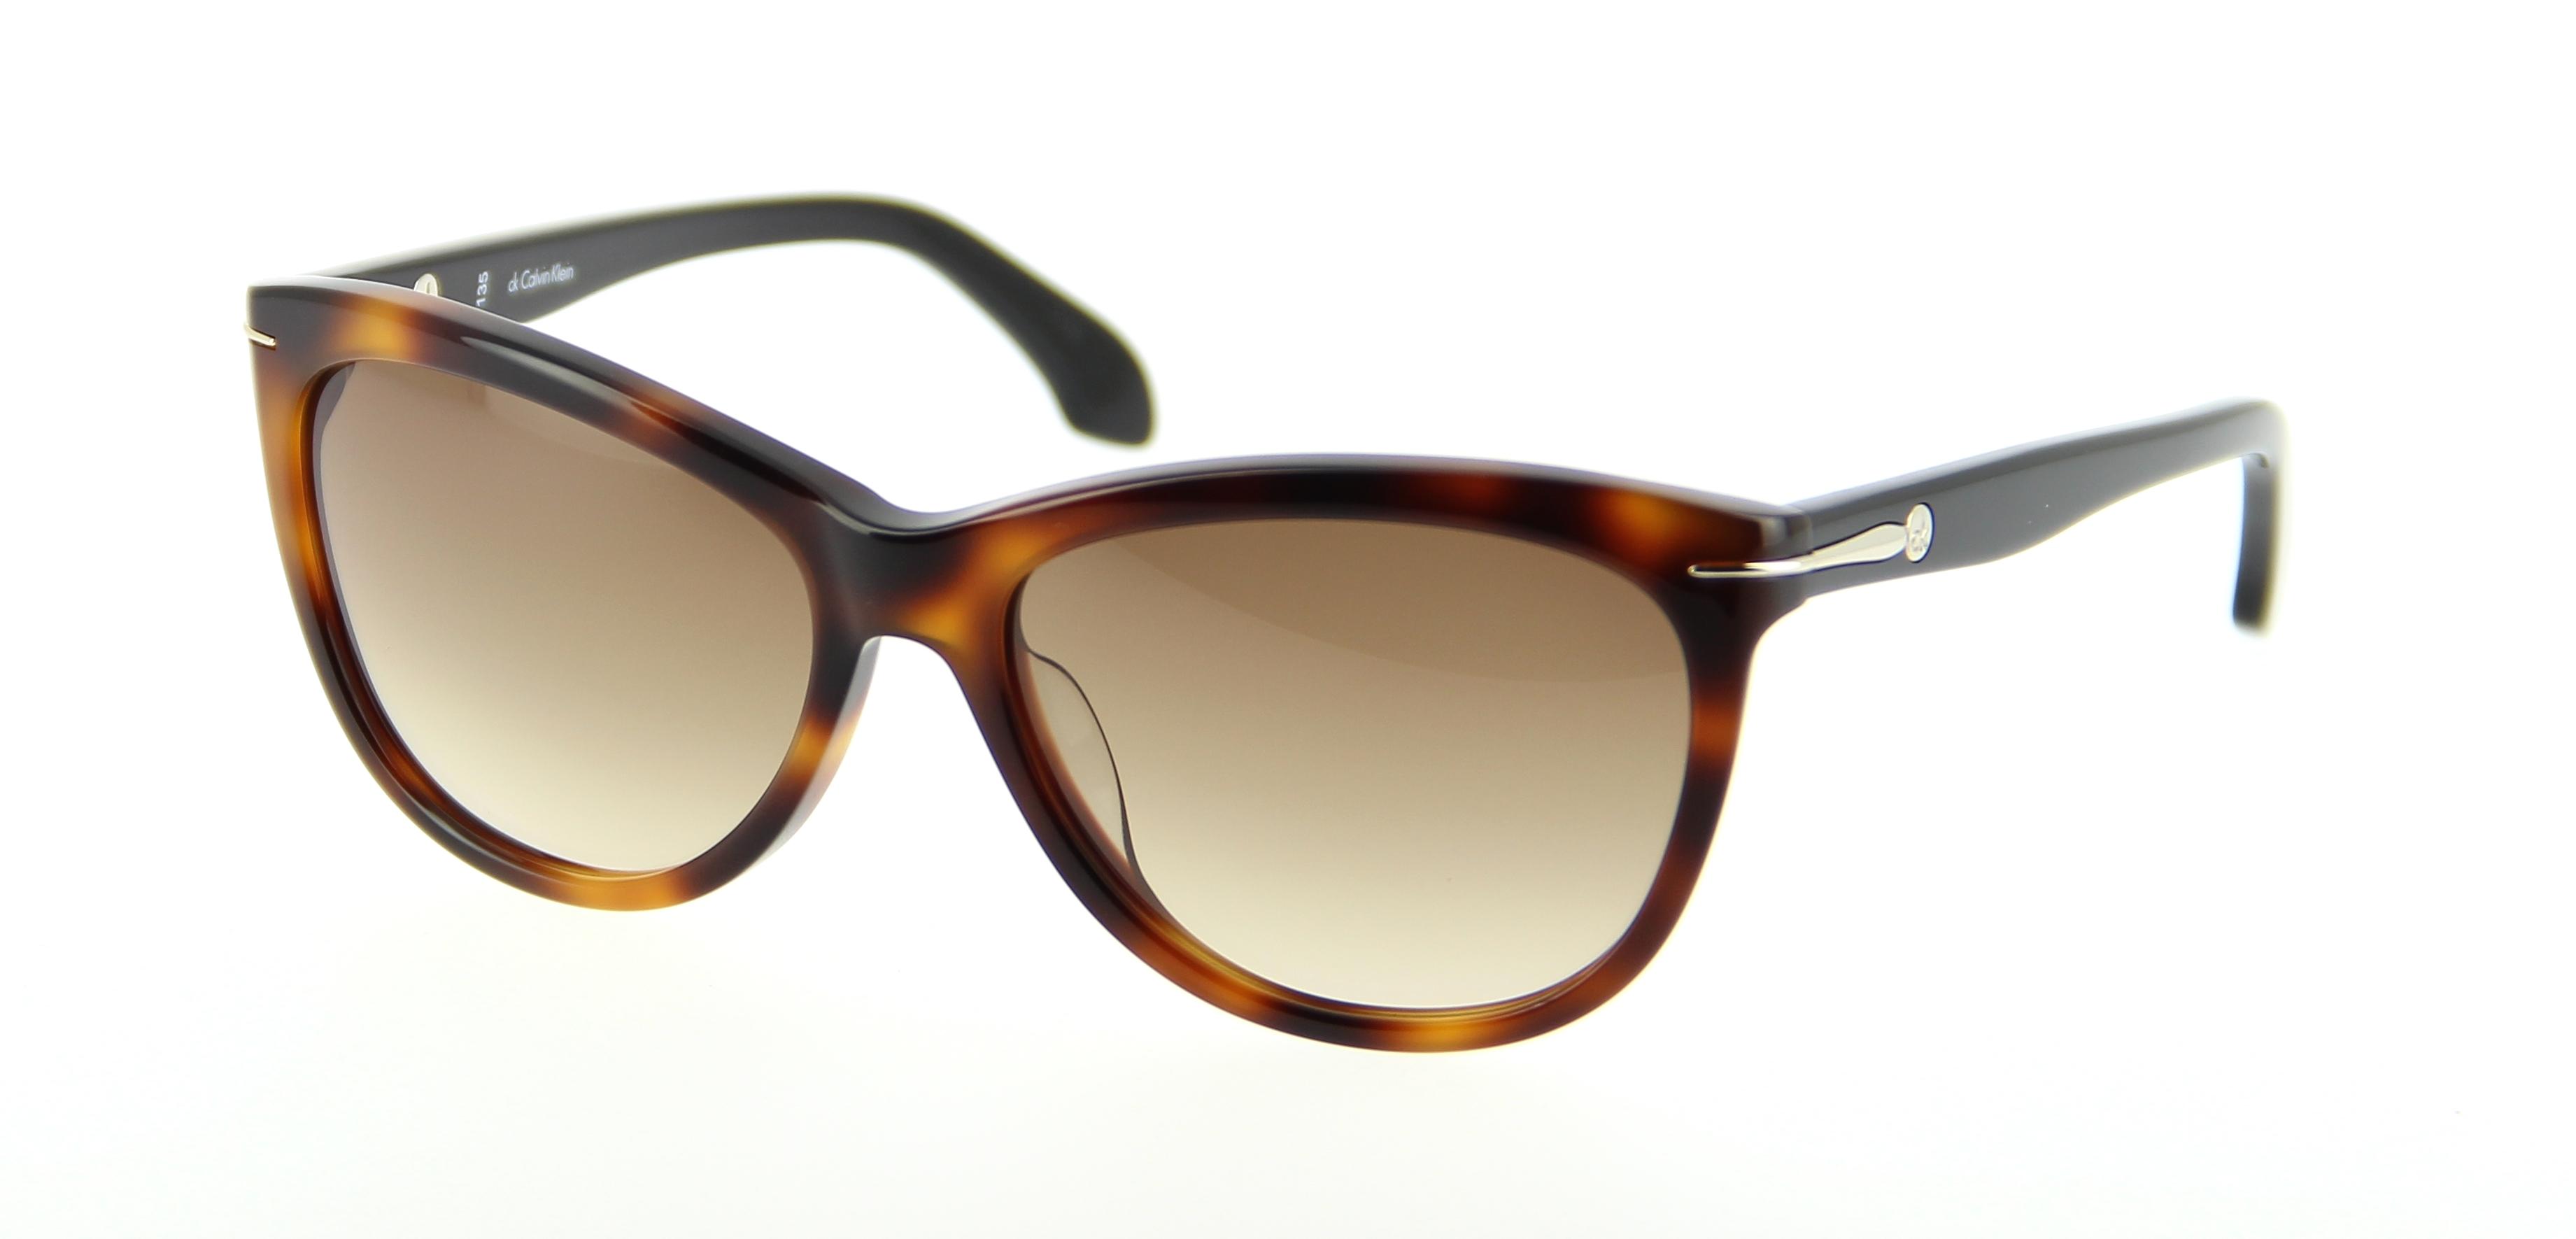 lunettes de soleil femme calvin klein d5e33866b377